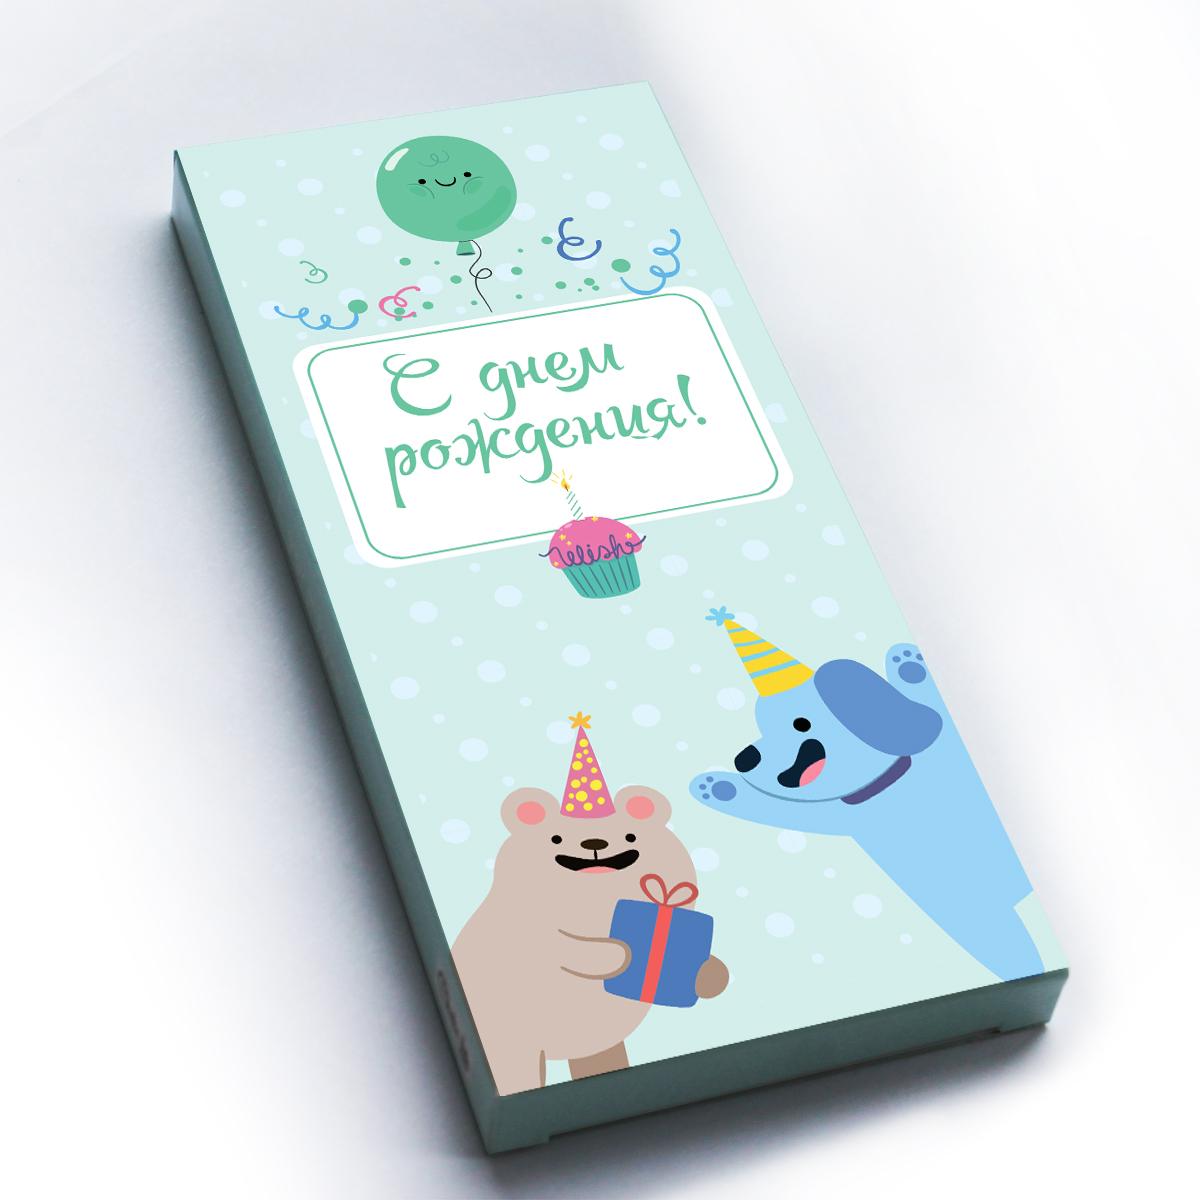 Choko life С Днем Рождения шоколадная плитка, 100 г shokobox новый год 2018 письмо шоколадная плитка 100 г